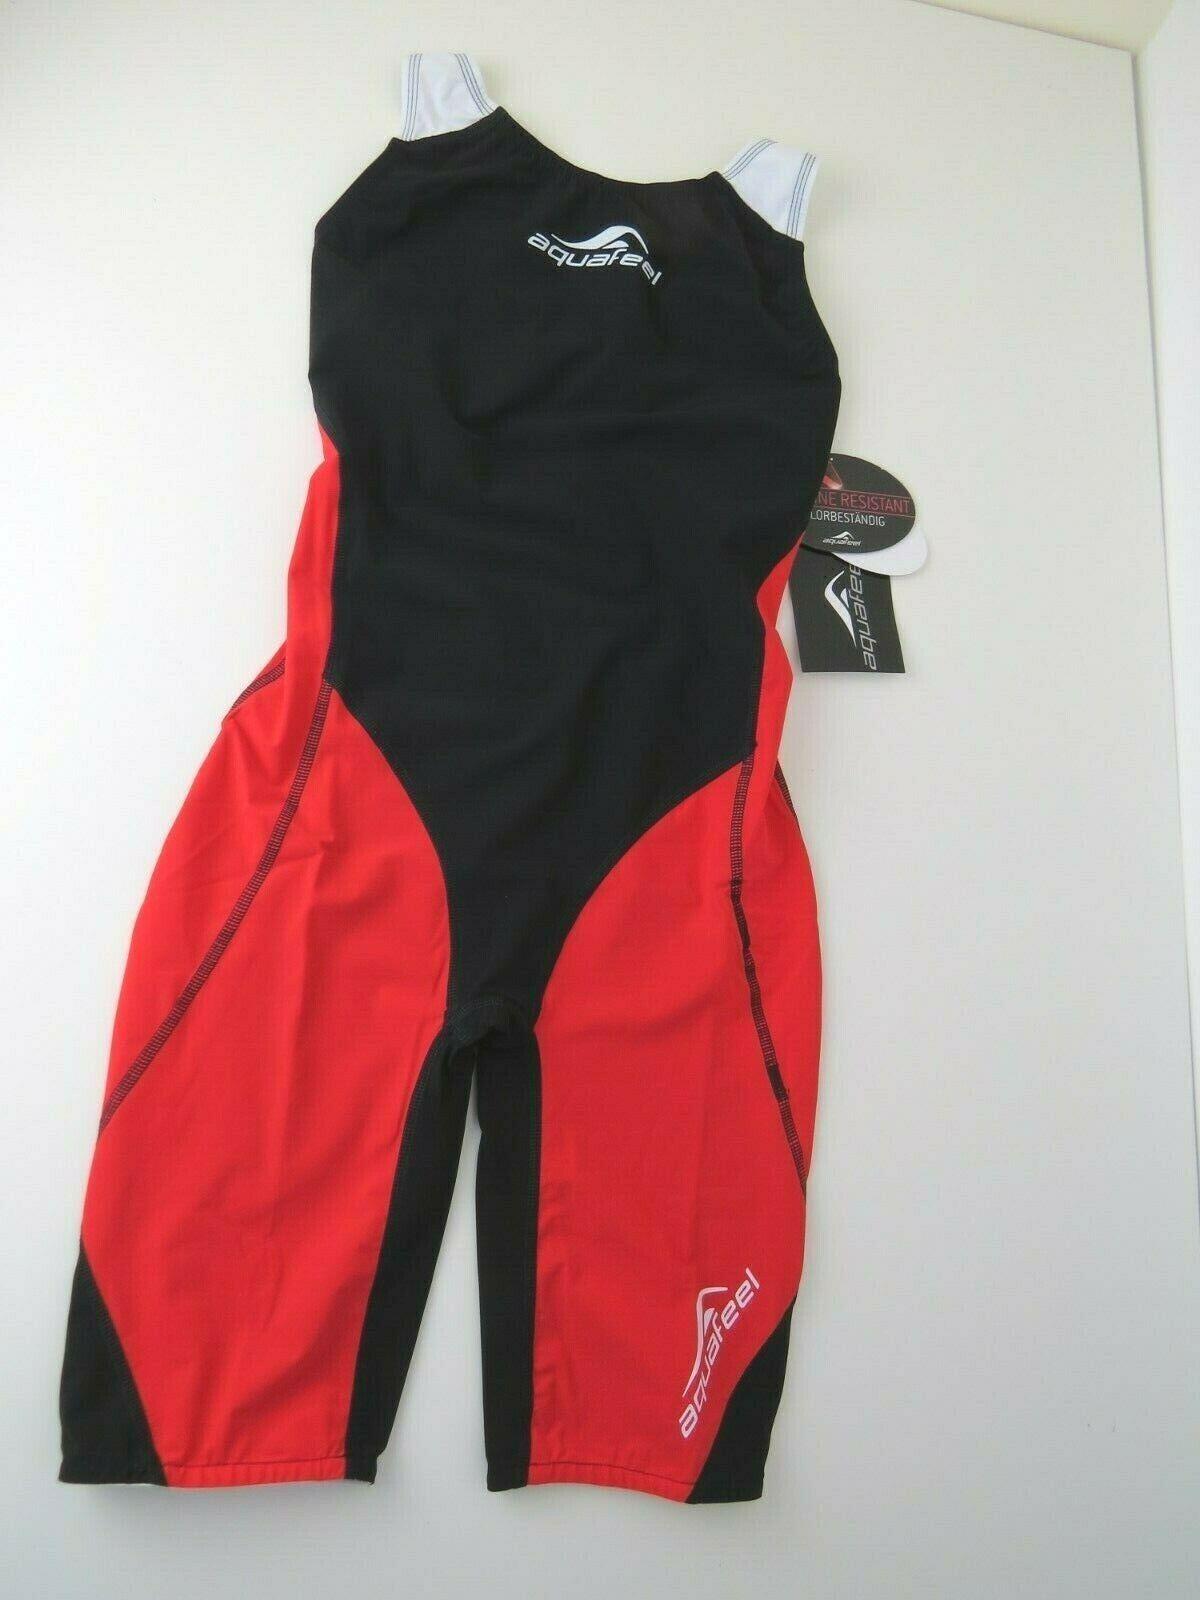 Nuevo Aquafeel para mujer I-Nov Racing Traje De Baño, Natación Traje Rojo Negro M, L, XL